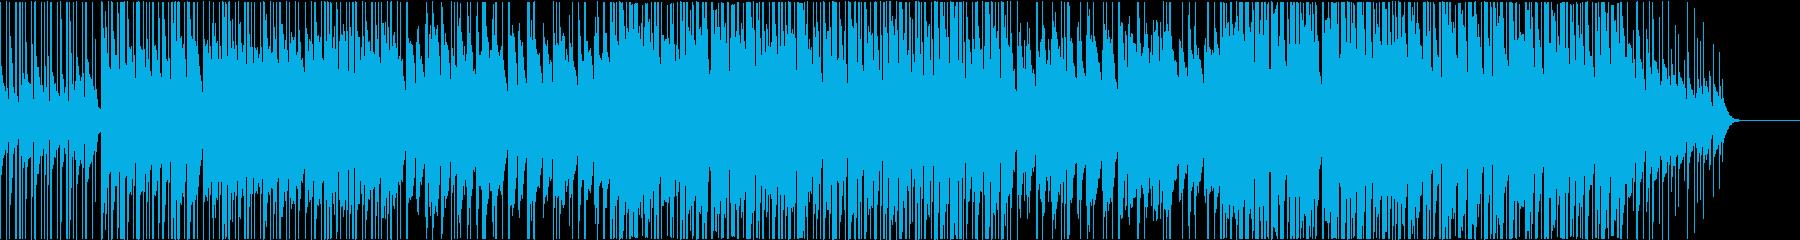 ゆったりした雰囲気のの再生済みの波形